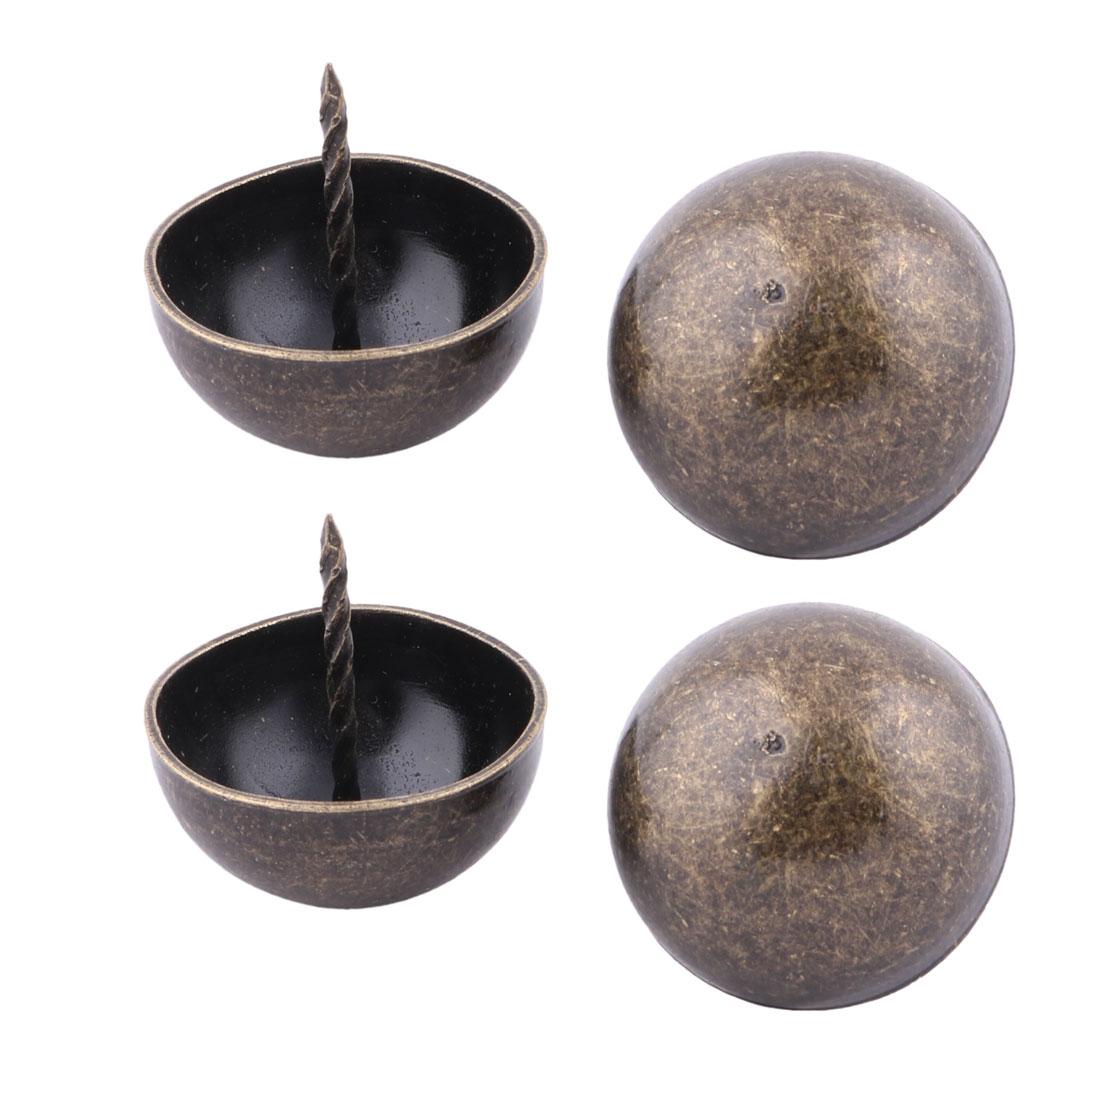 Home Furniture Metal Upholstery Thumb Tack Nail Drum Decor Pushpin Copper Tone 4 x 4cm 4pcs